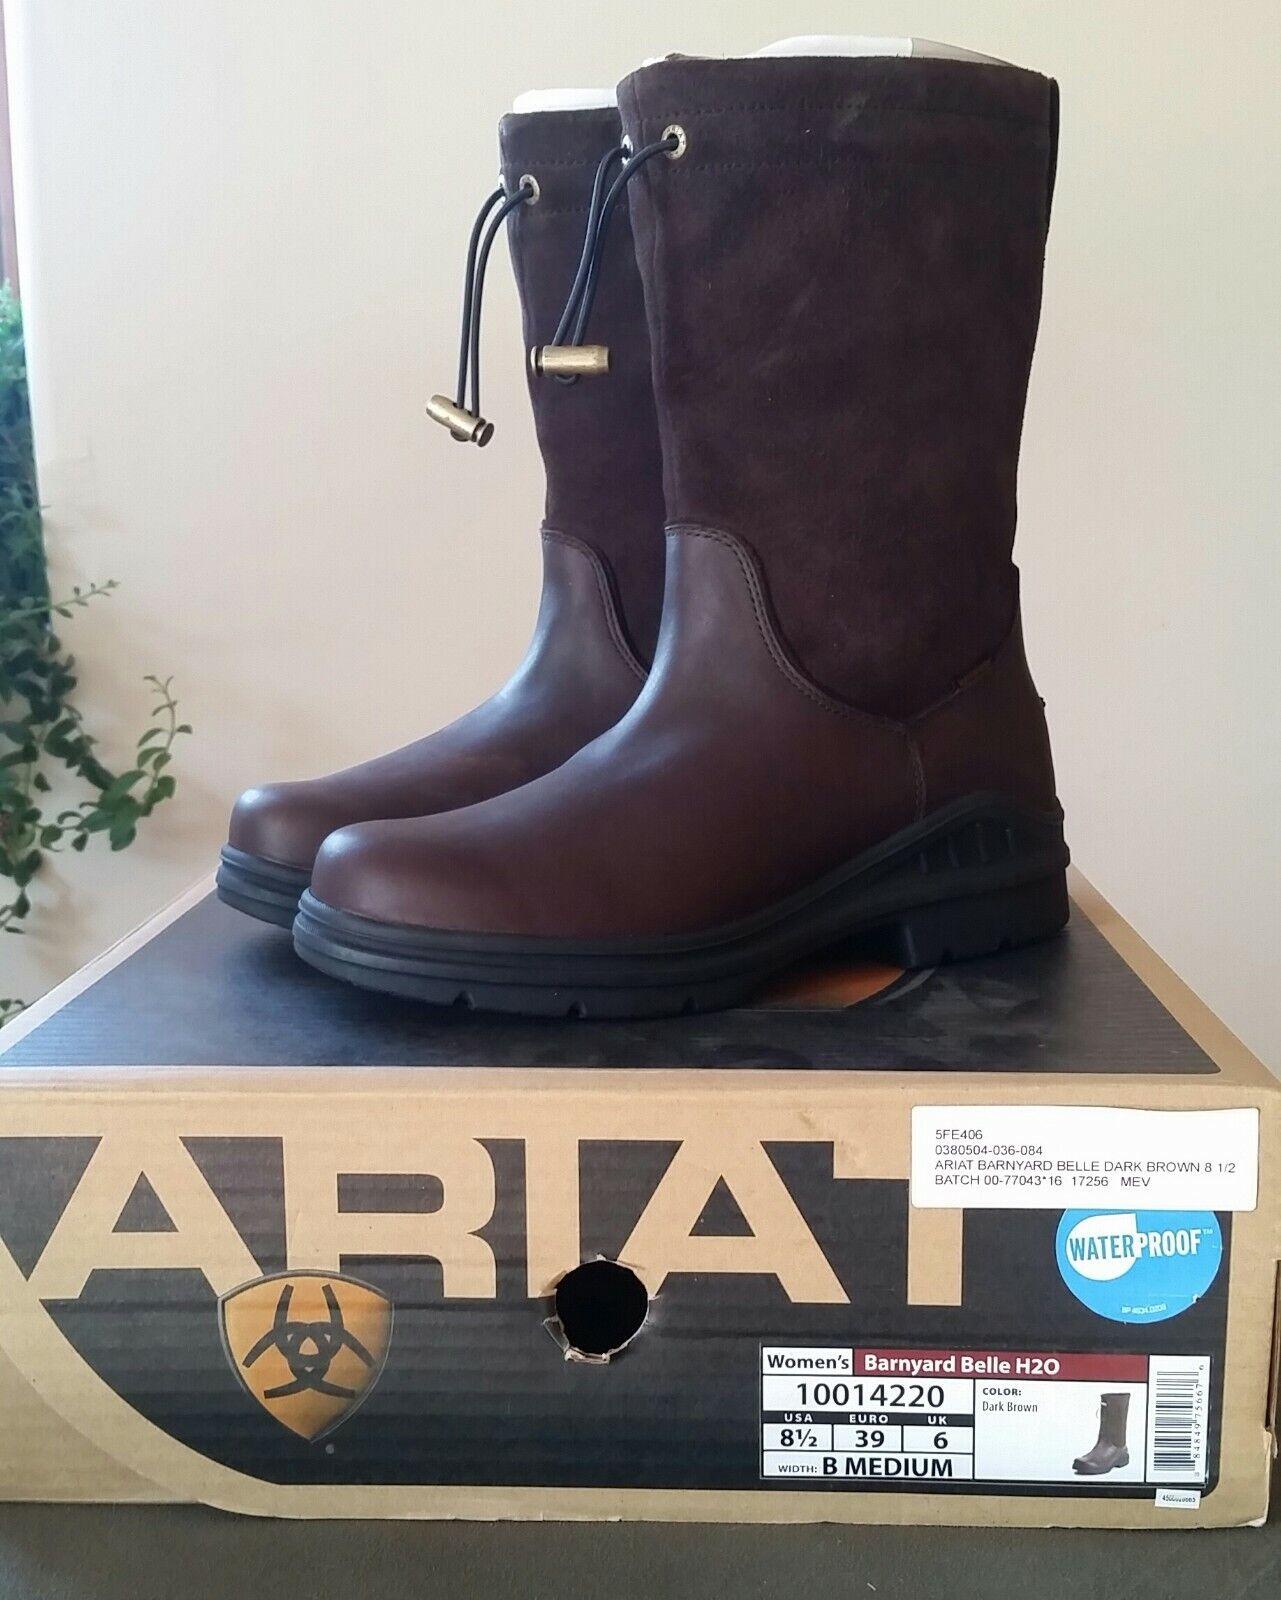 NIB Ariat  Ladies Barnyard Belle H2O Dark Brown Pull on Boots Waterproof, 8.5B  up to 65% off